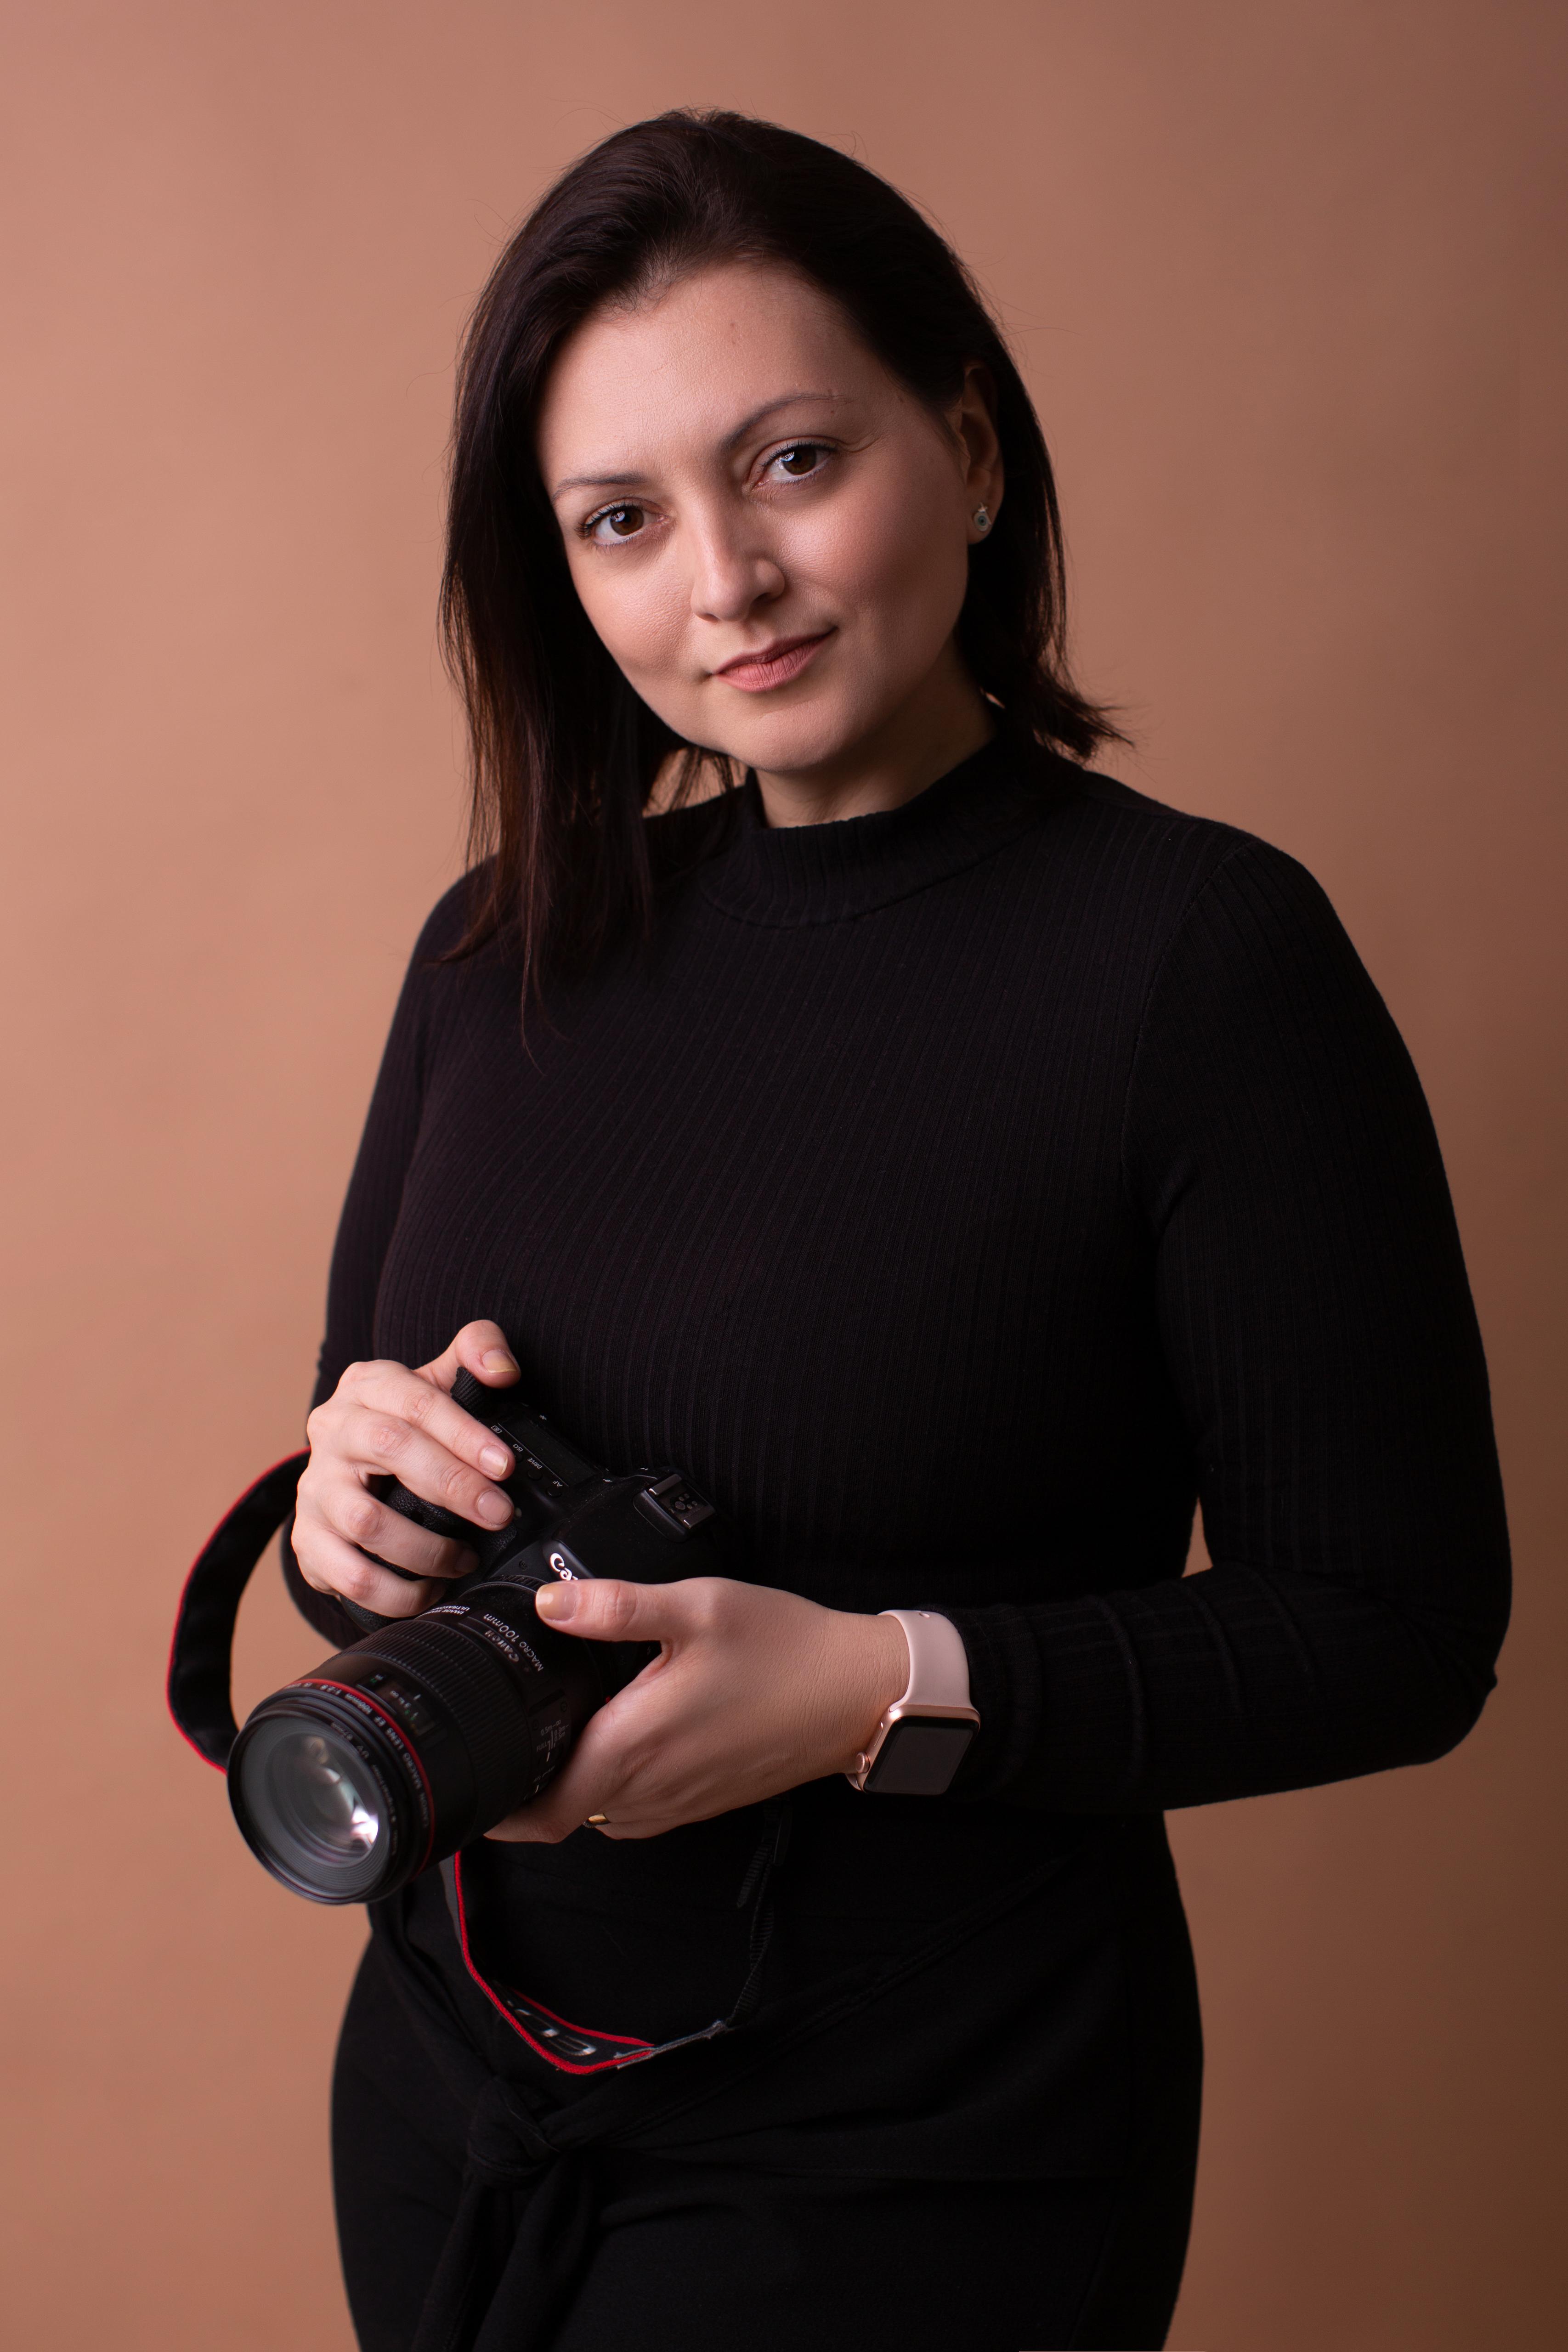 Sobre Aline Langoni Fotografia